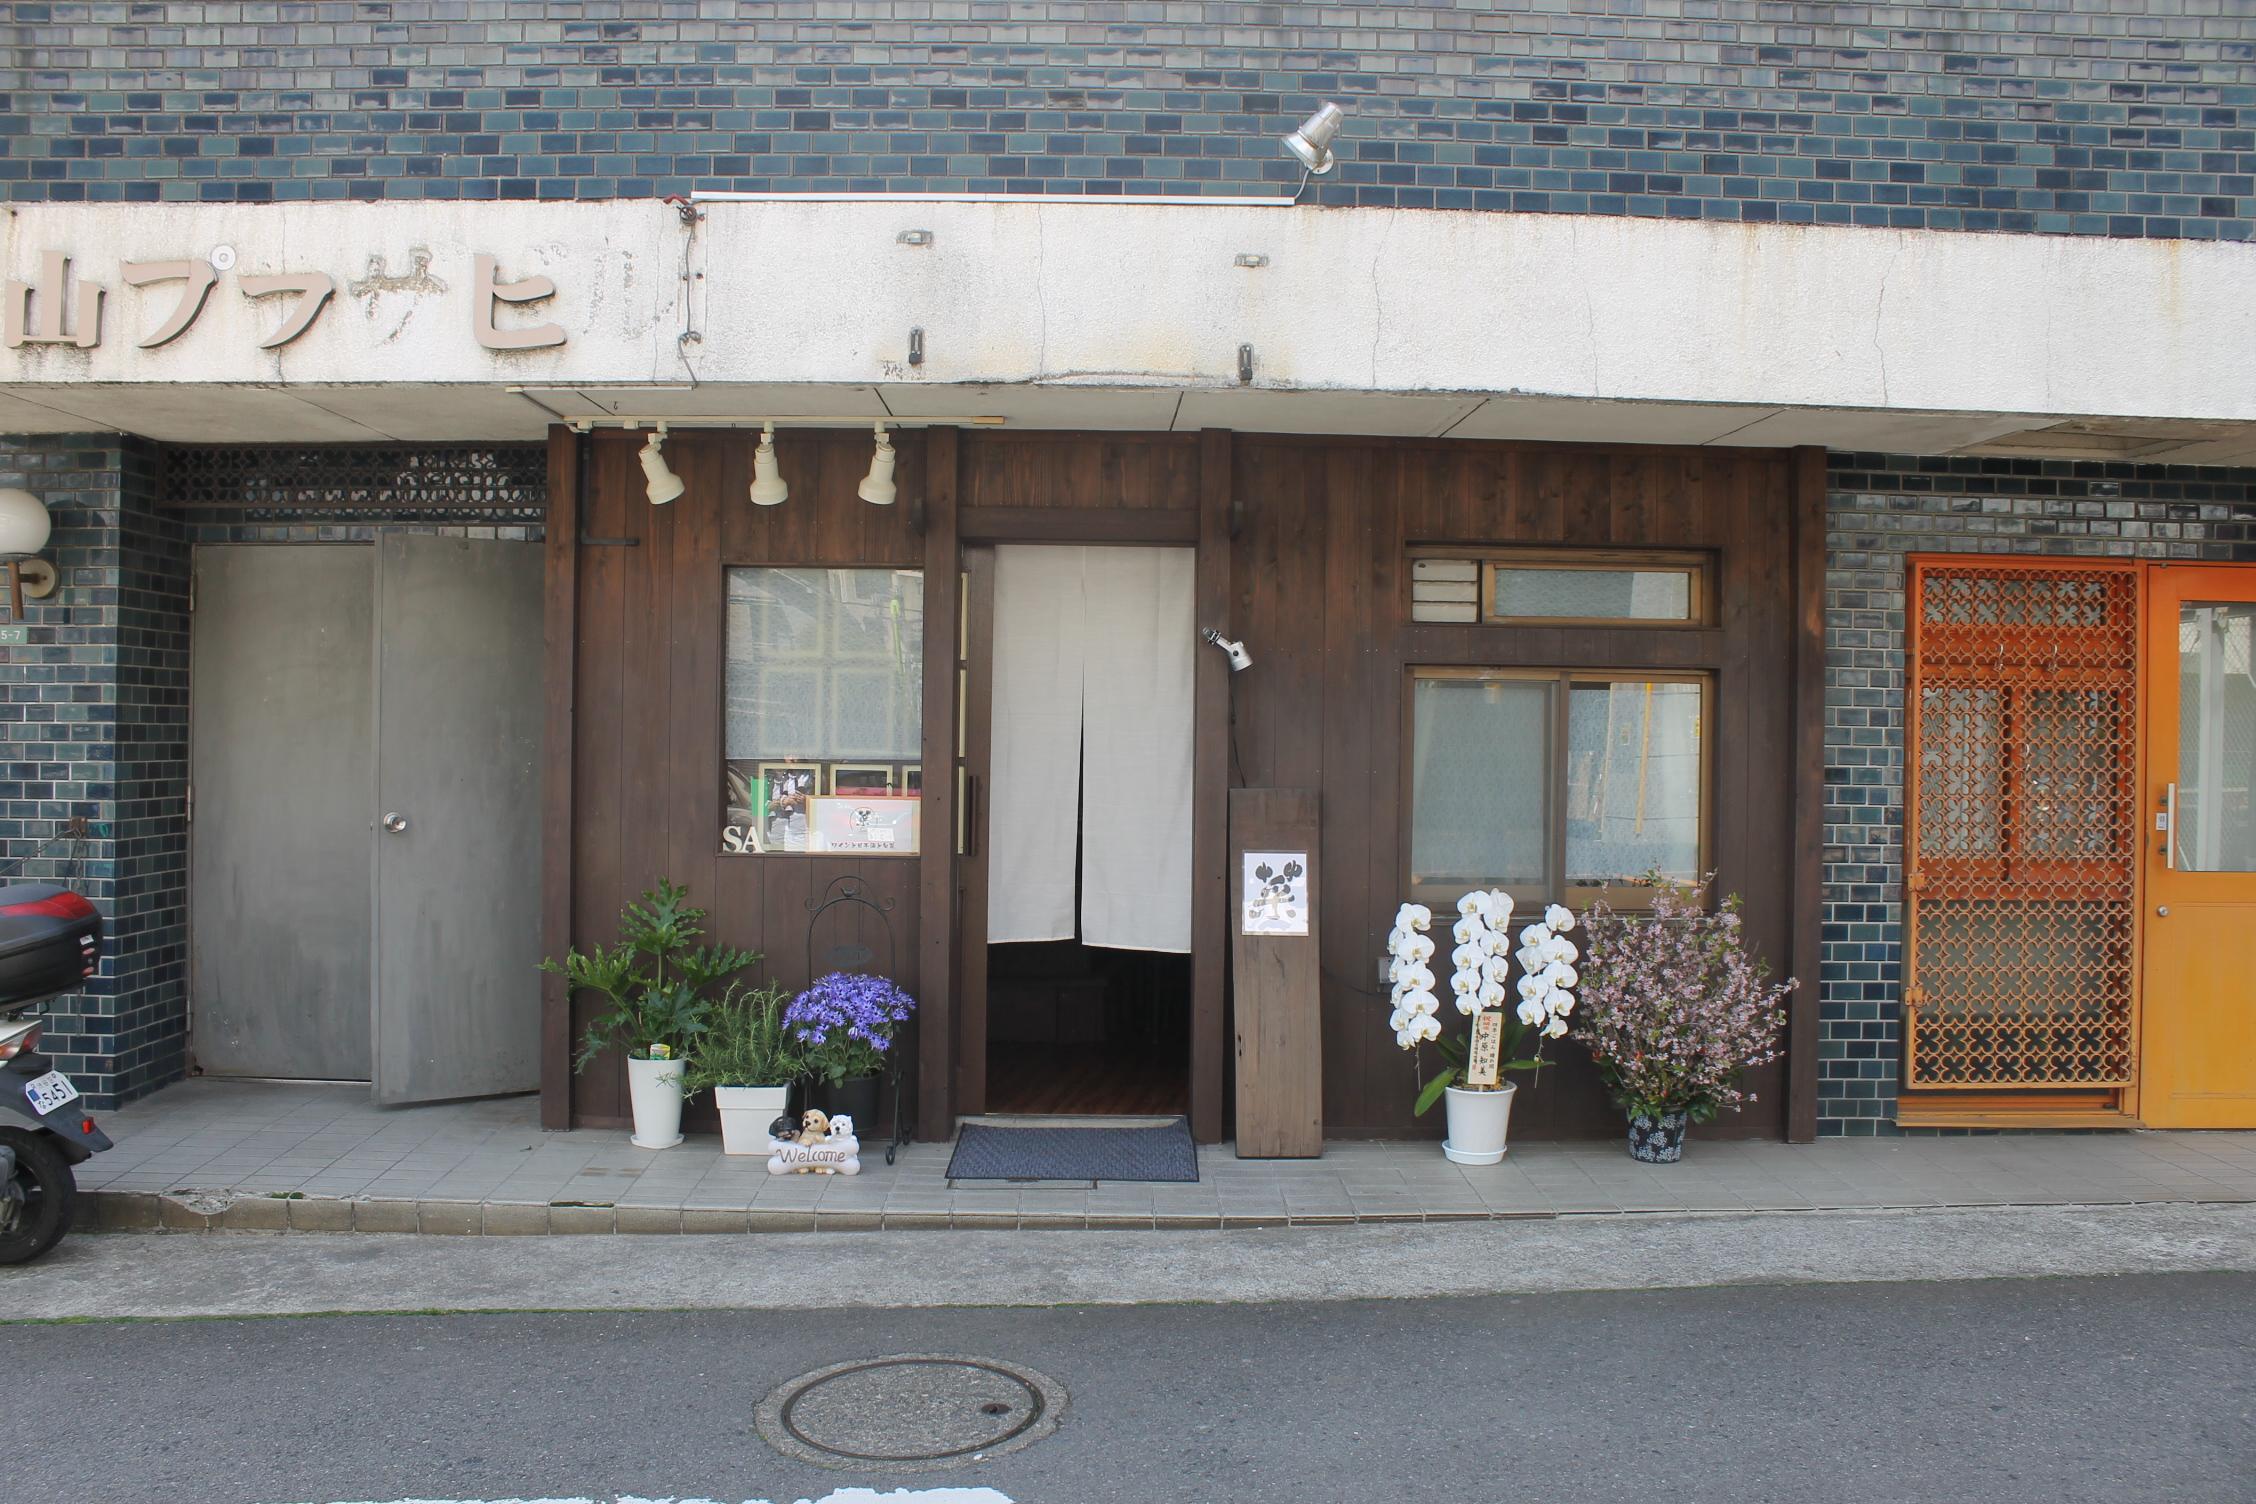 南口閉鎖で変わる下北沢の動線、そして新店も続々オープン